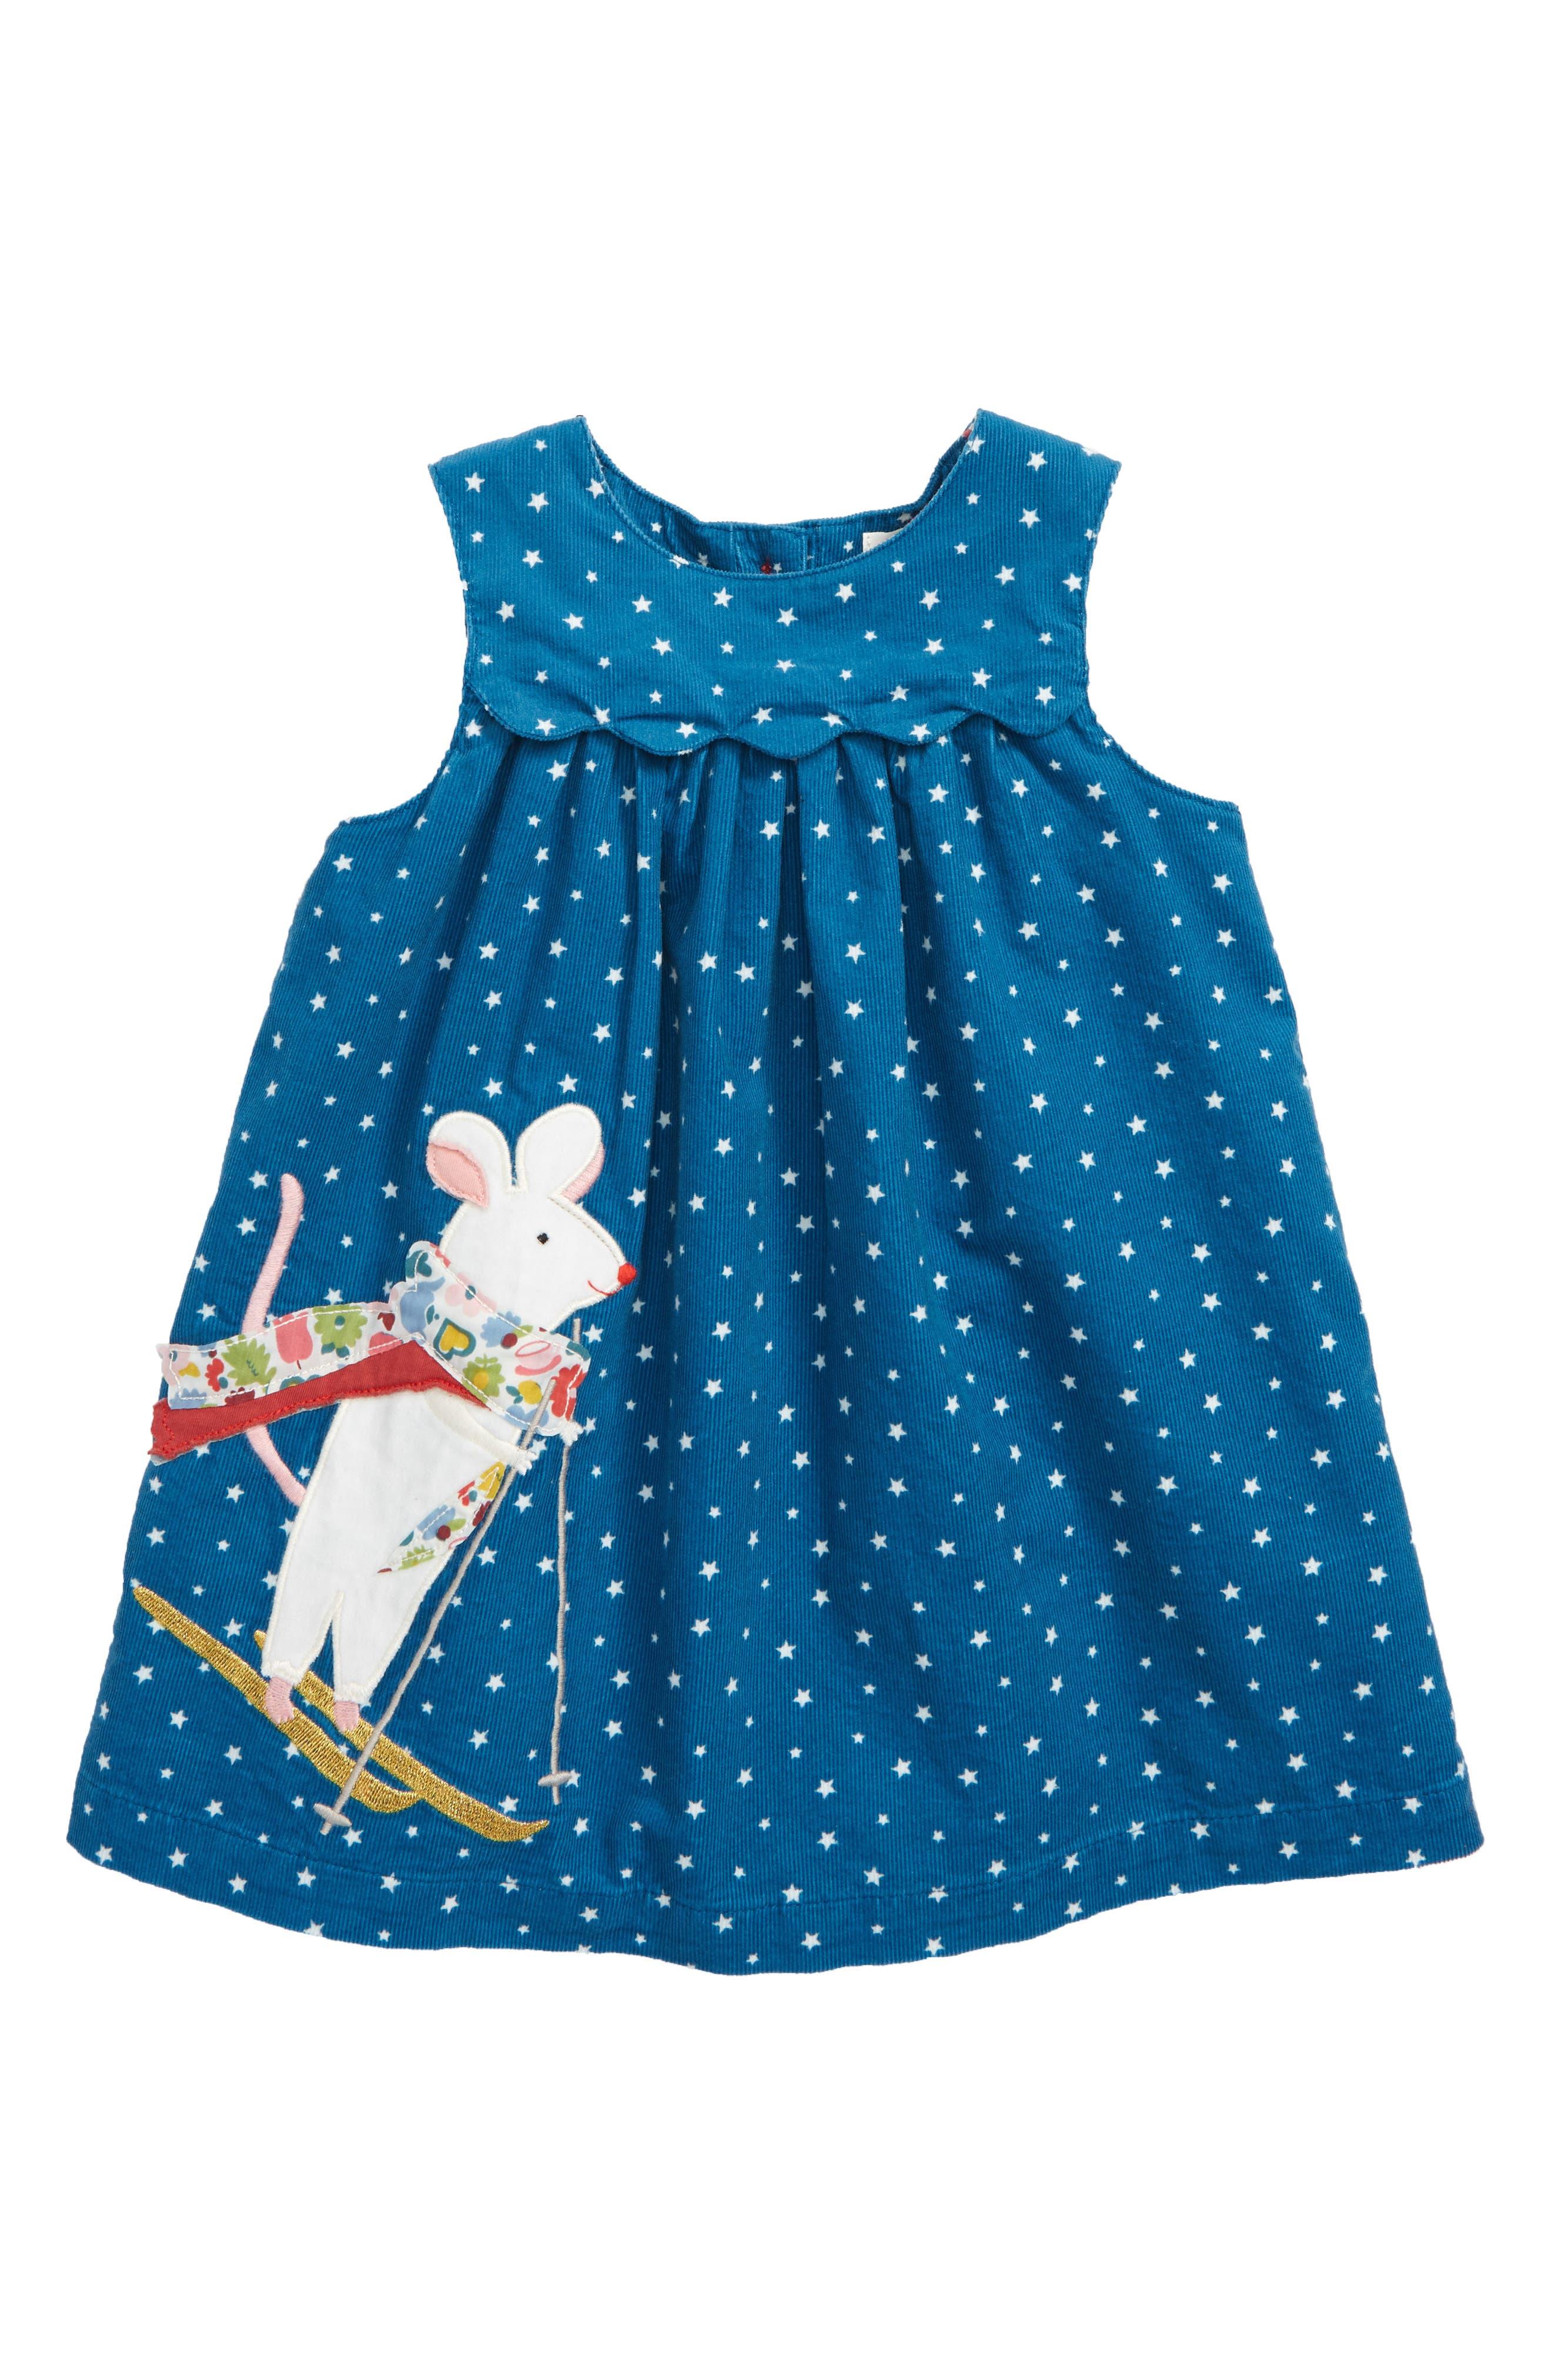 Appliqué Friends Corduroy Dress,                             Main thumbnail 1, color,                             400